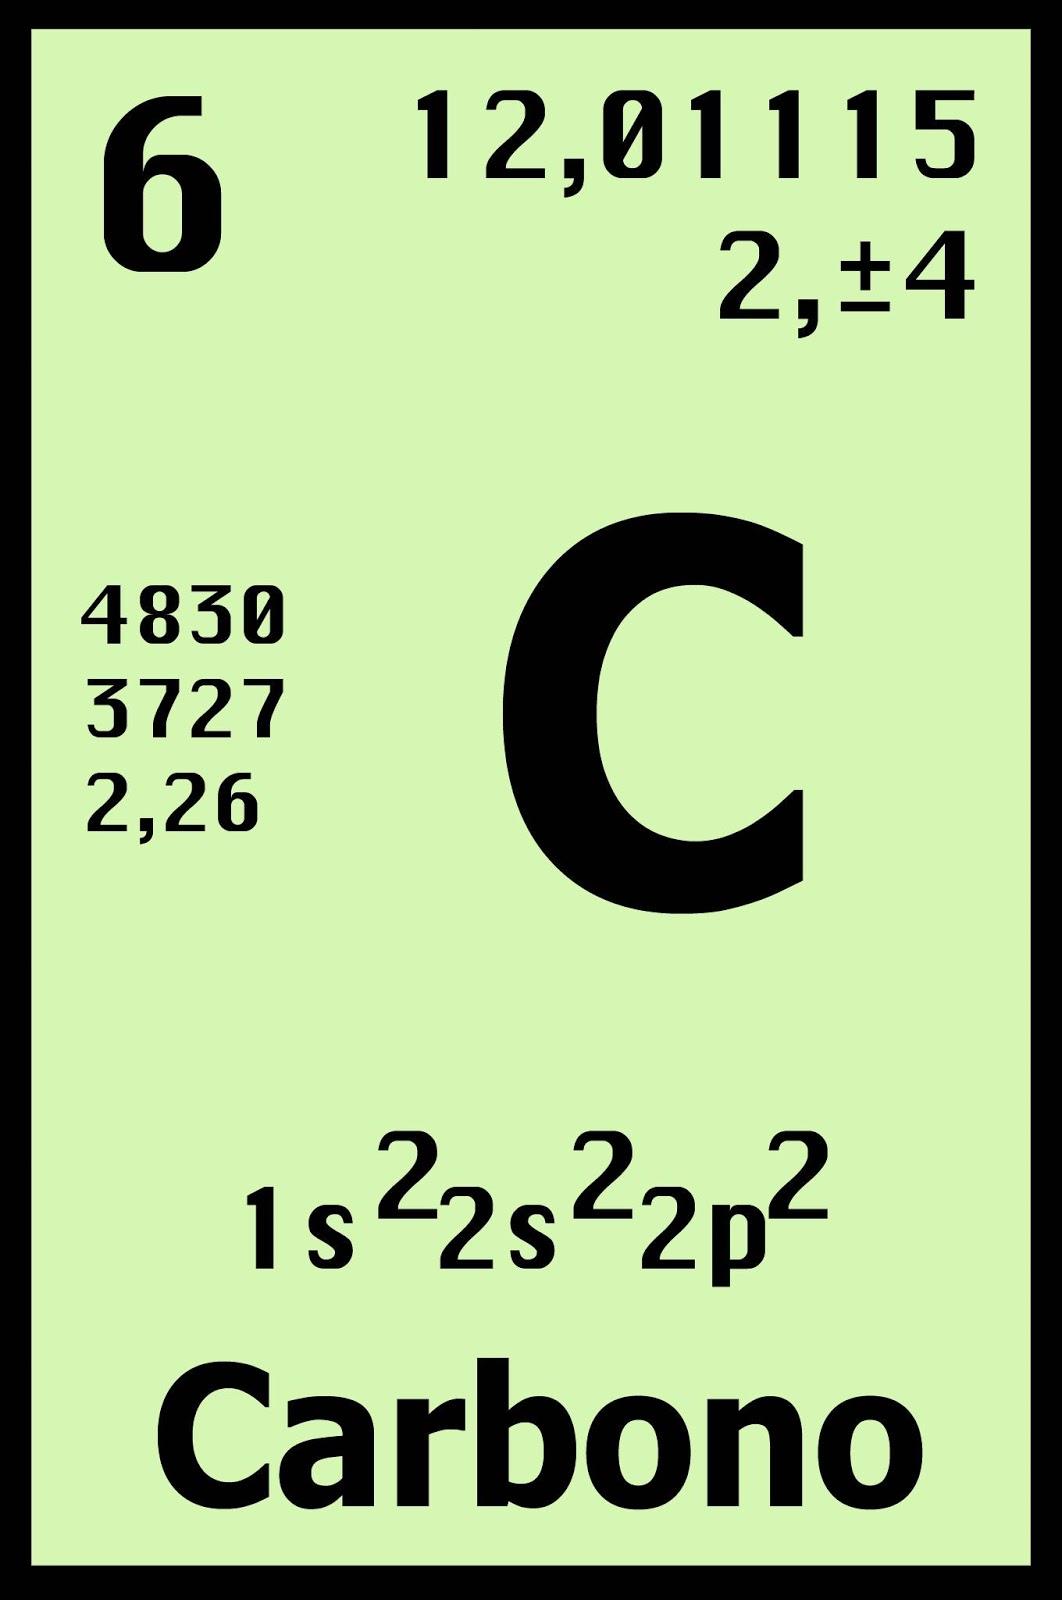 Sara qumica tabla peridica smbolo qumico c nmero atmico 6 masa atmica 120107 periodo 2 configuracin electrnica 1s2 2s2 2p6 valencia 24 4 nombre nitrgeno urtaz Image collections